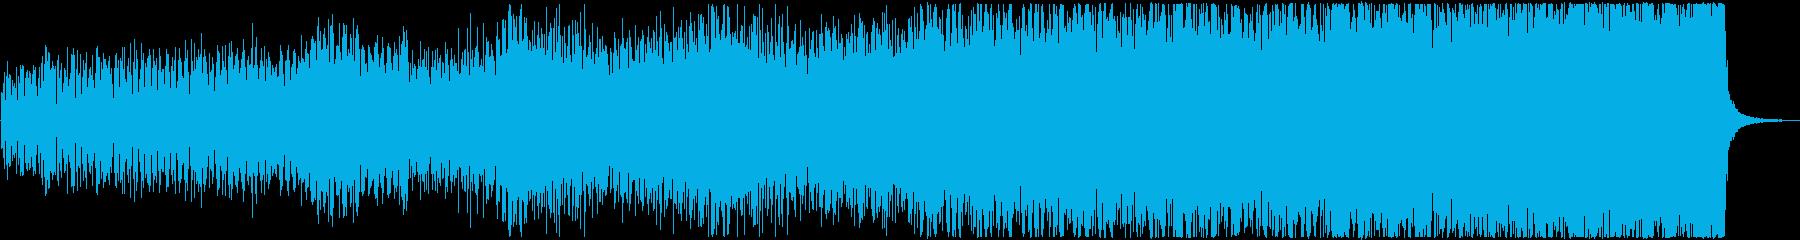 SF/サイバーパンク/未来の再生済みの波形